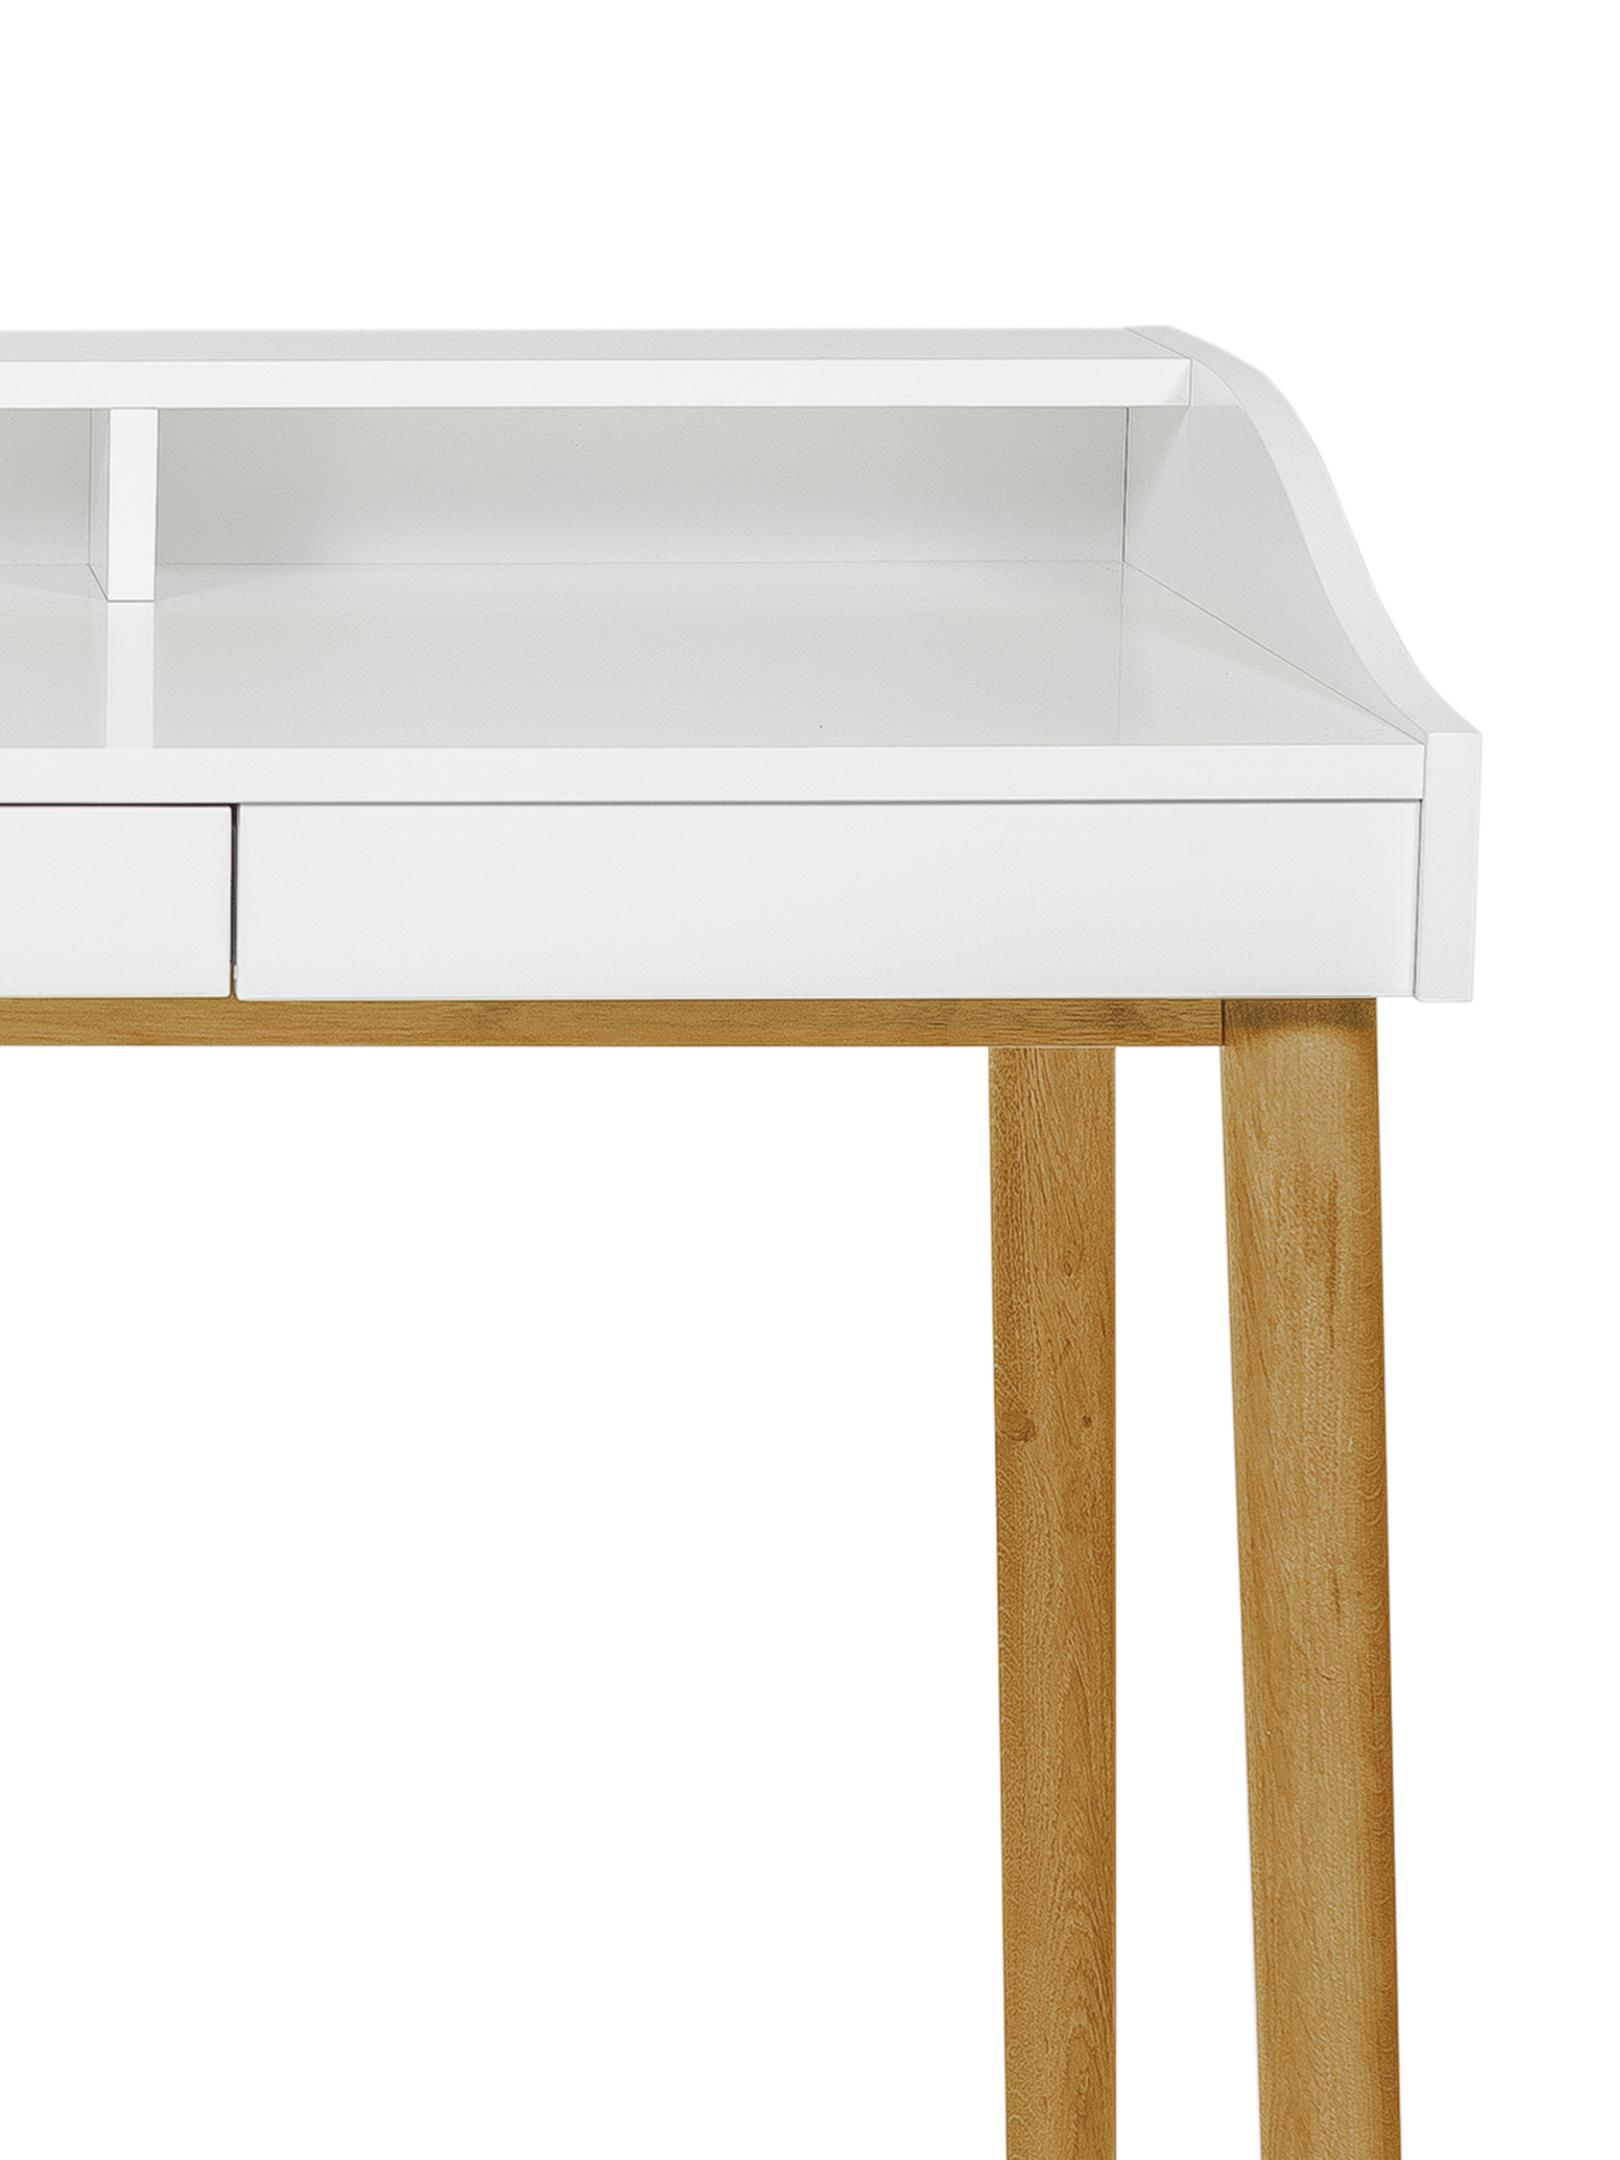 Scrittoio con cassetto Lindenhof, Gambe: legno di quercia vernicia, Piano d'appoggio e mensola: bianco<br>Gambe: legno di quercia, Larg. 120 x Alt. 84 cm